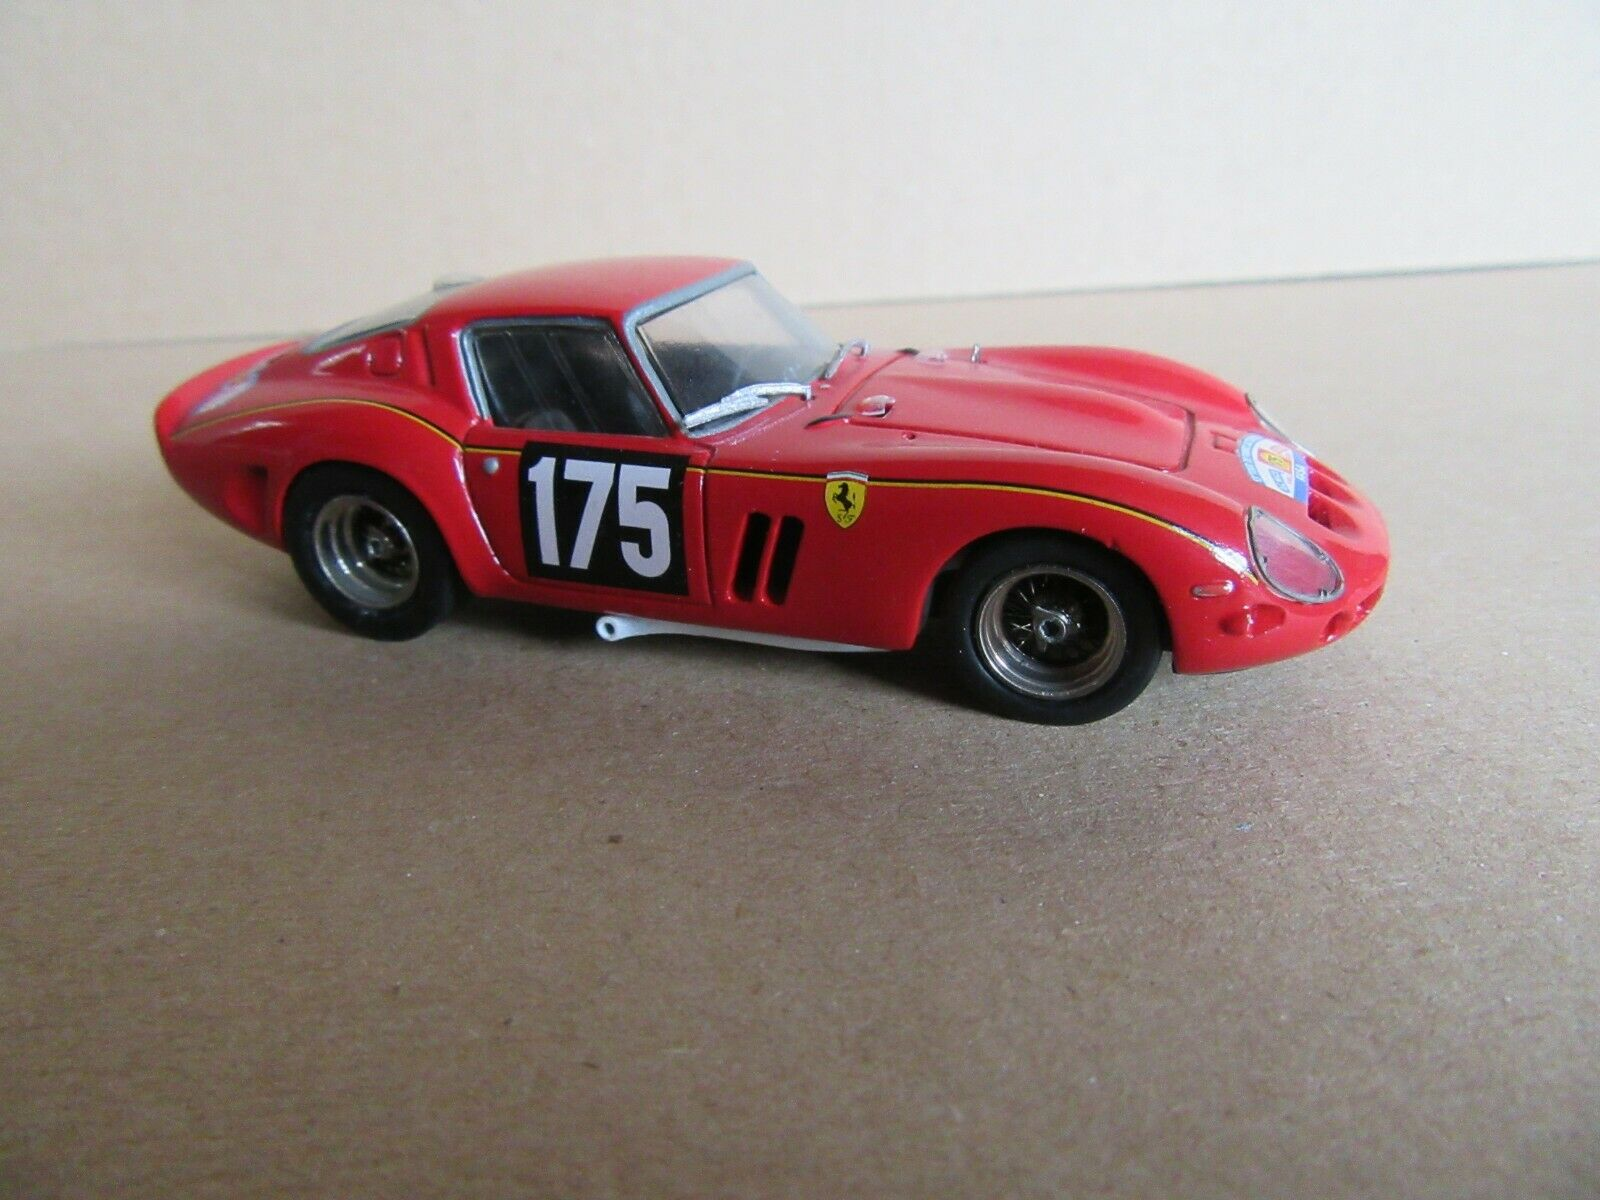 84J AMR 82 Ferrari 250 Gto Dimensione Coche 1964 Dubois 1 43